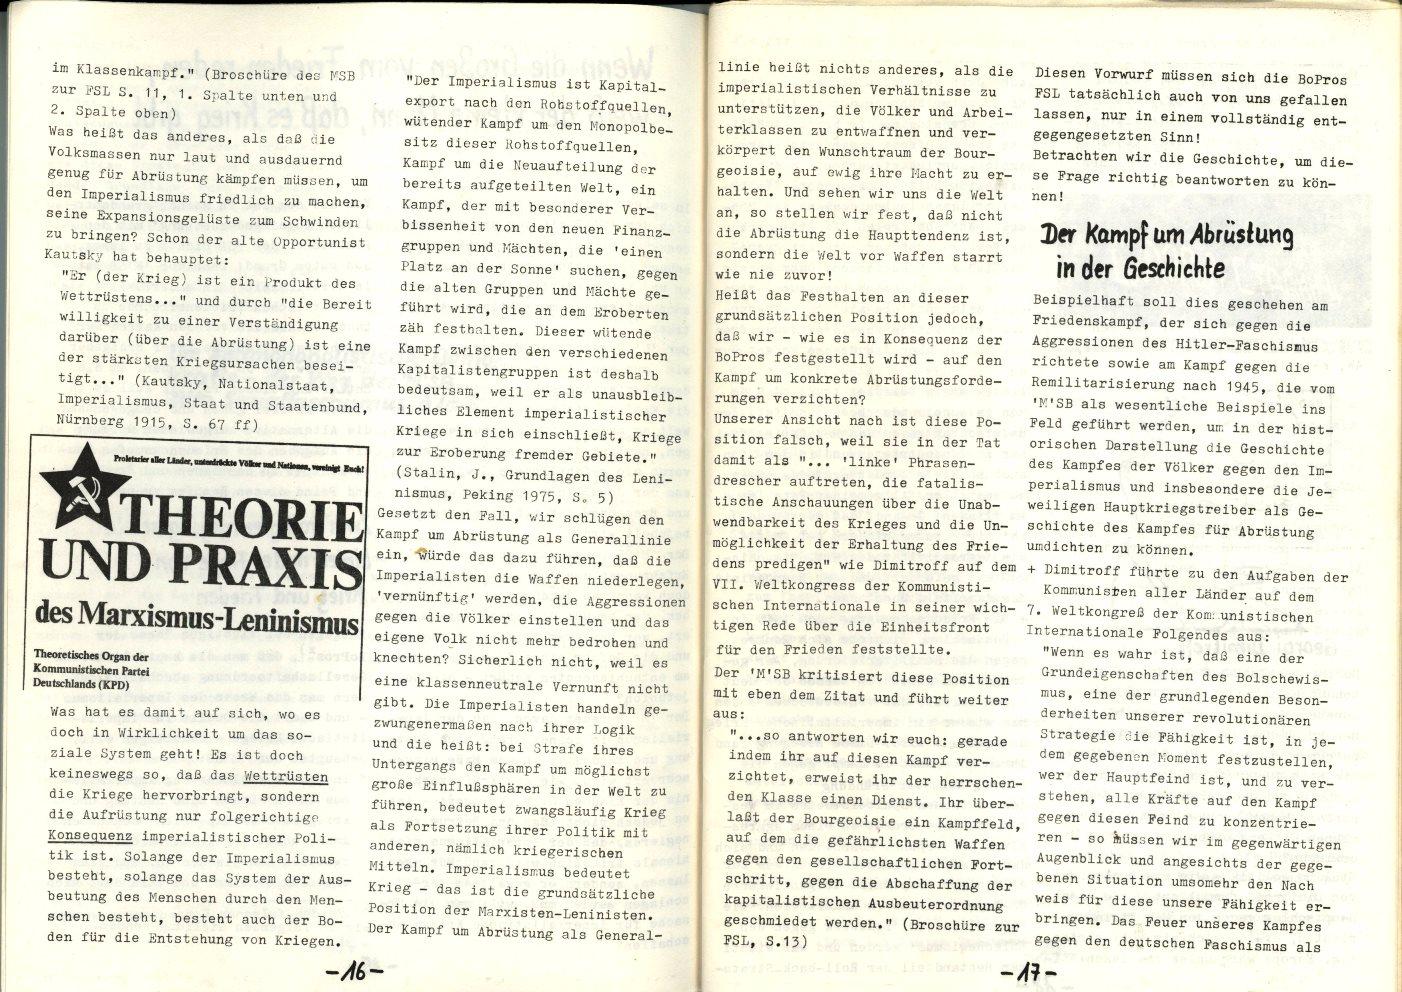 NRW_KSV_1977_Doku_zu_den_AStA_Wahlen_Nr_2_09